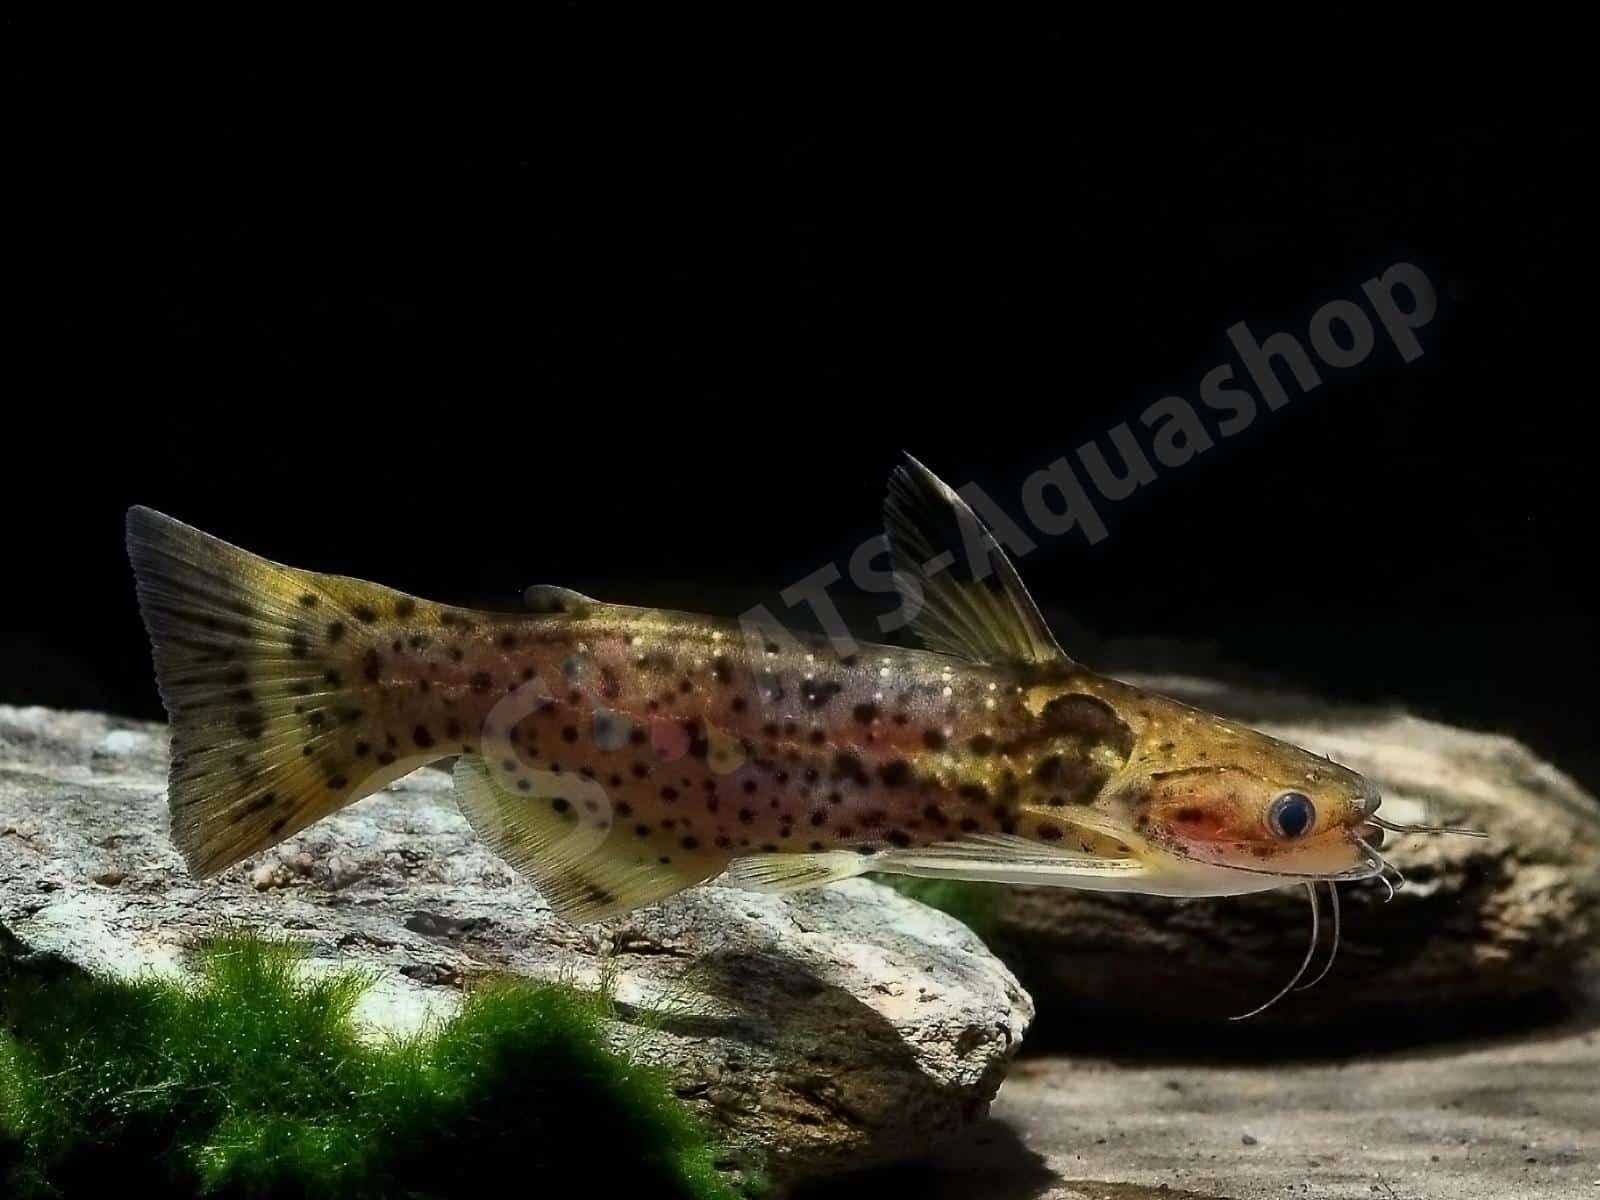 auchenipterichtys punctatus enrico richter 0084 8